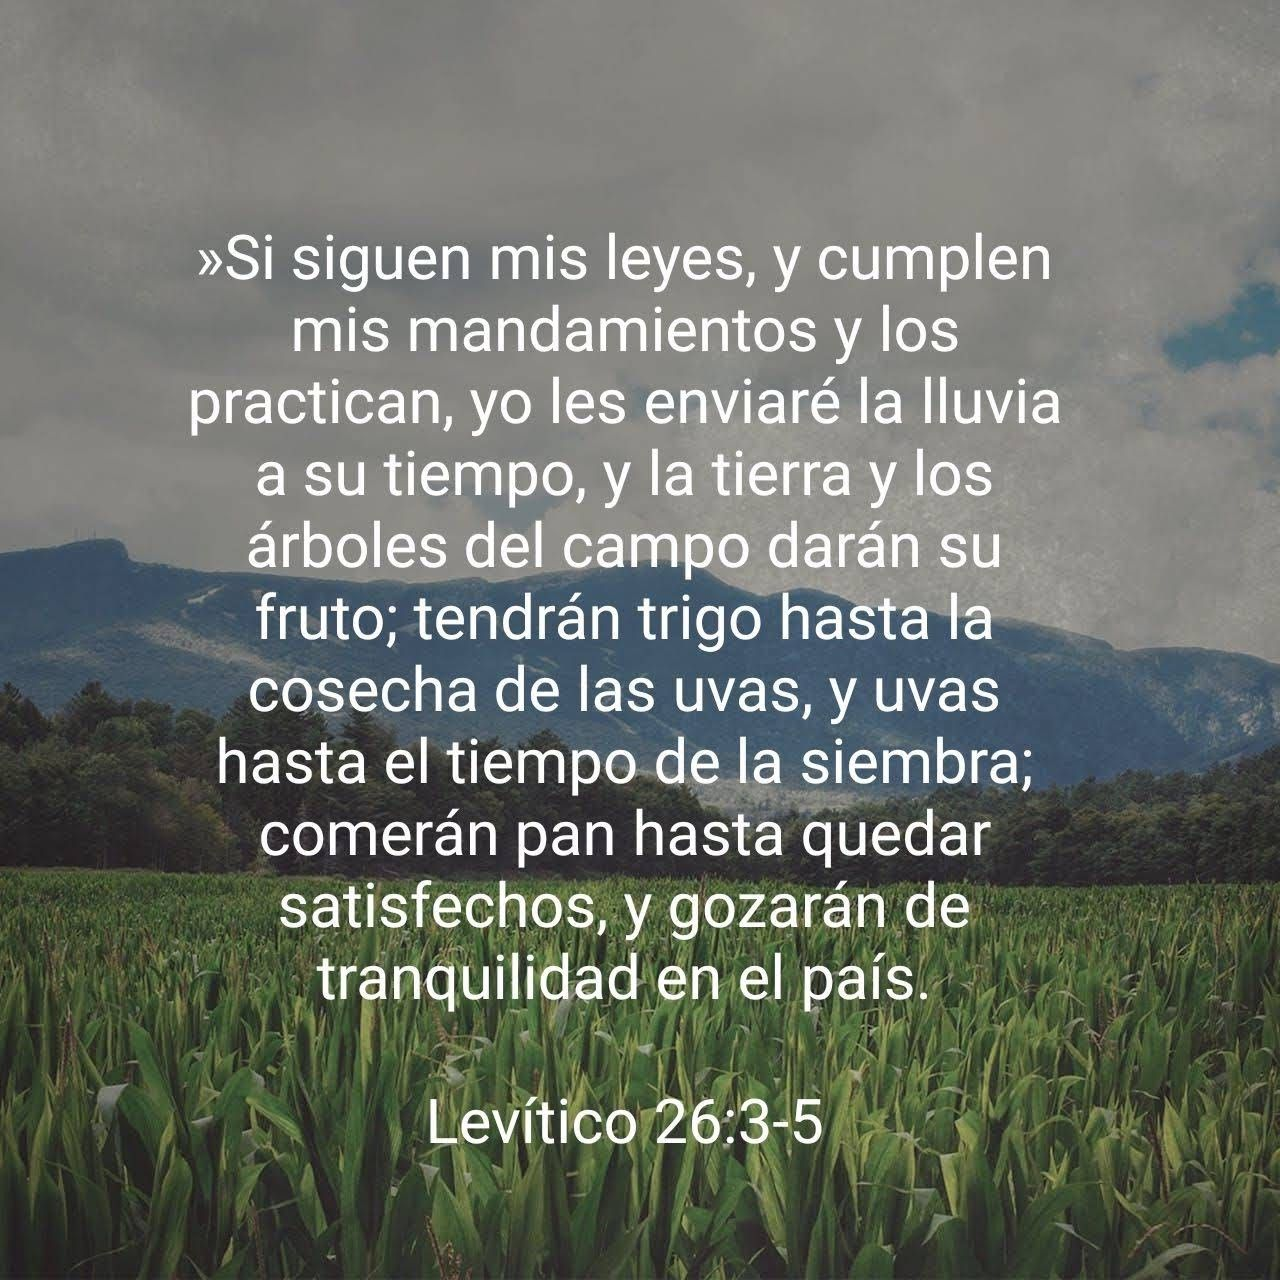 Levitico 26 3 5 Cuando Ponemos Nuestra Confianza En El Senor Y Nos Mantenemos Firmes Meditando En Su Palabra Y Poniendola Por Palabras Biblia Santa Biblia